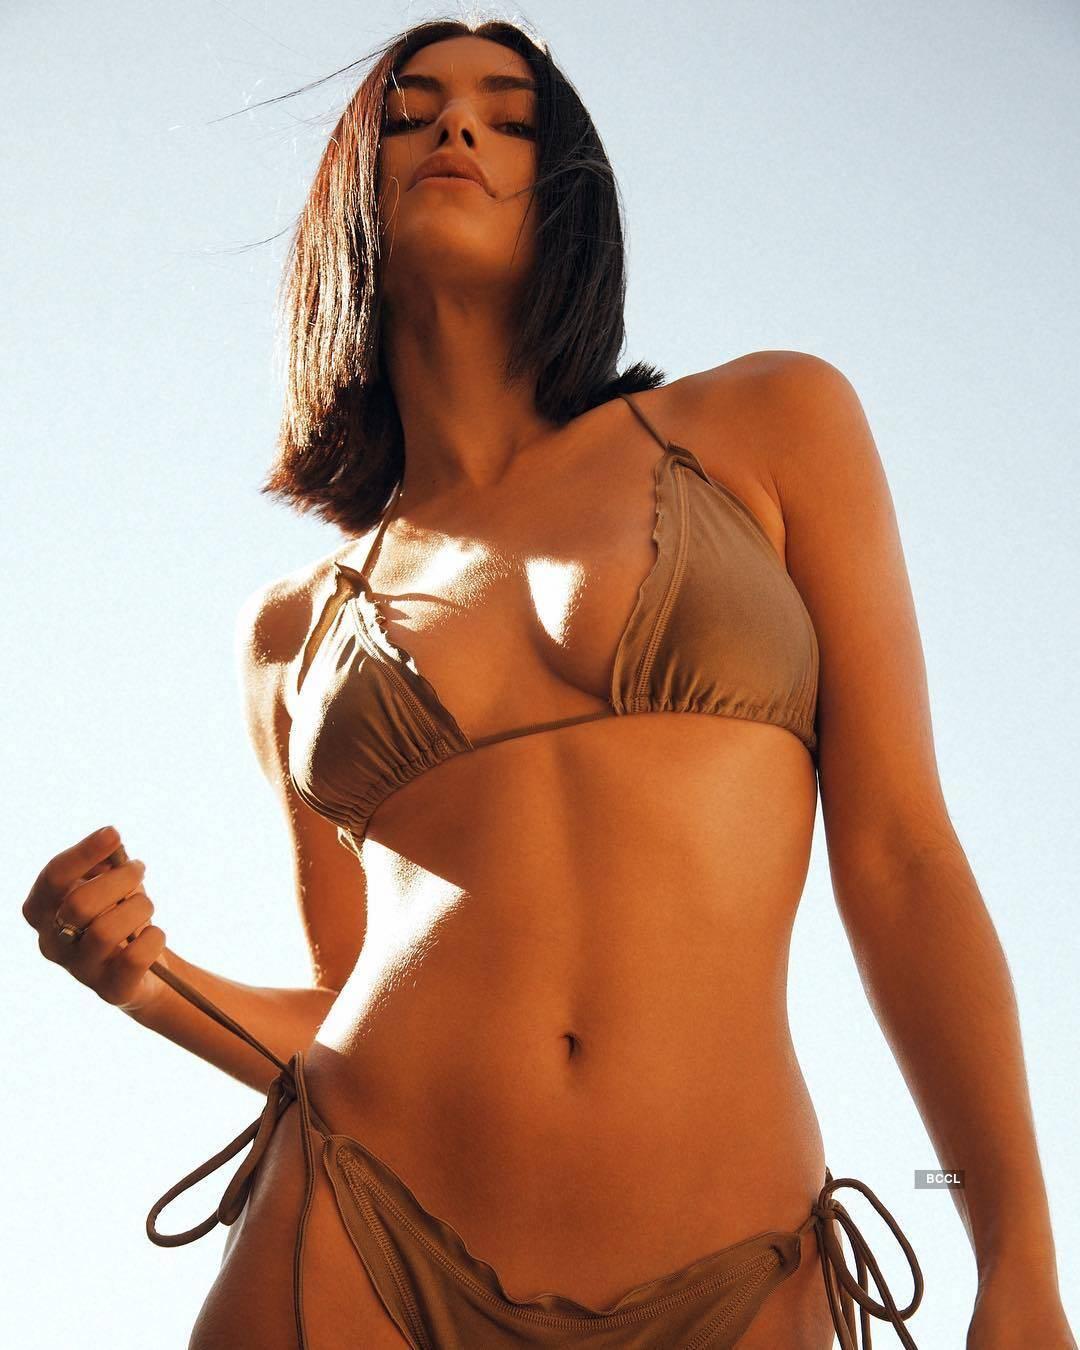 Natasha Eklove: 25th Maxim's Finest